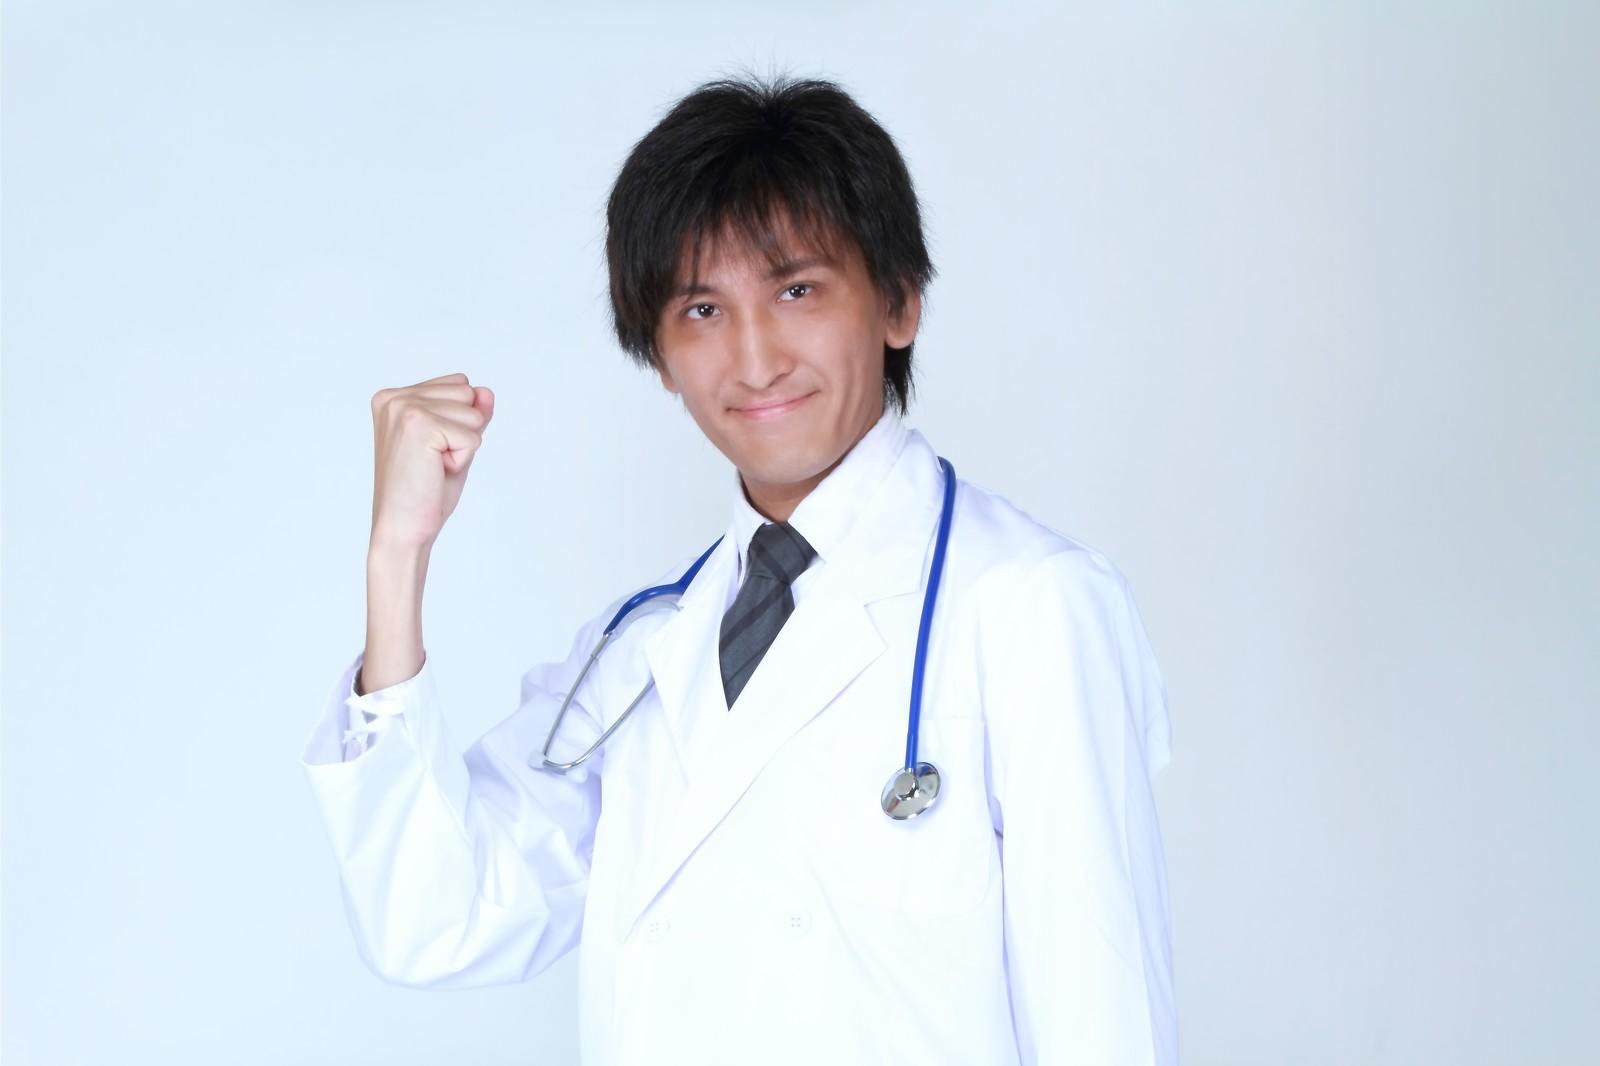 院長先生が看護師や医療事務の面接を行う重要性